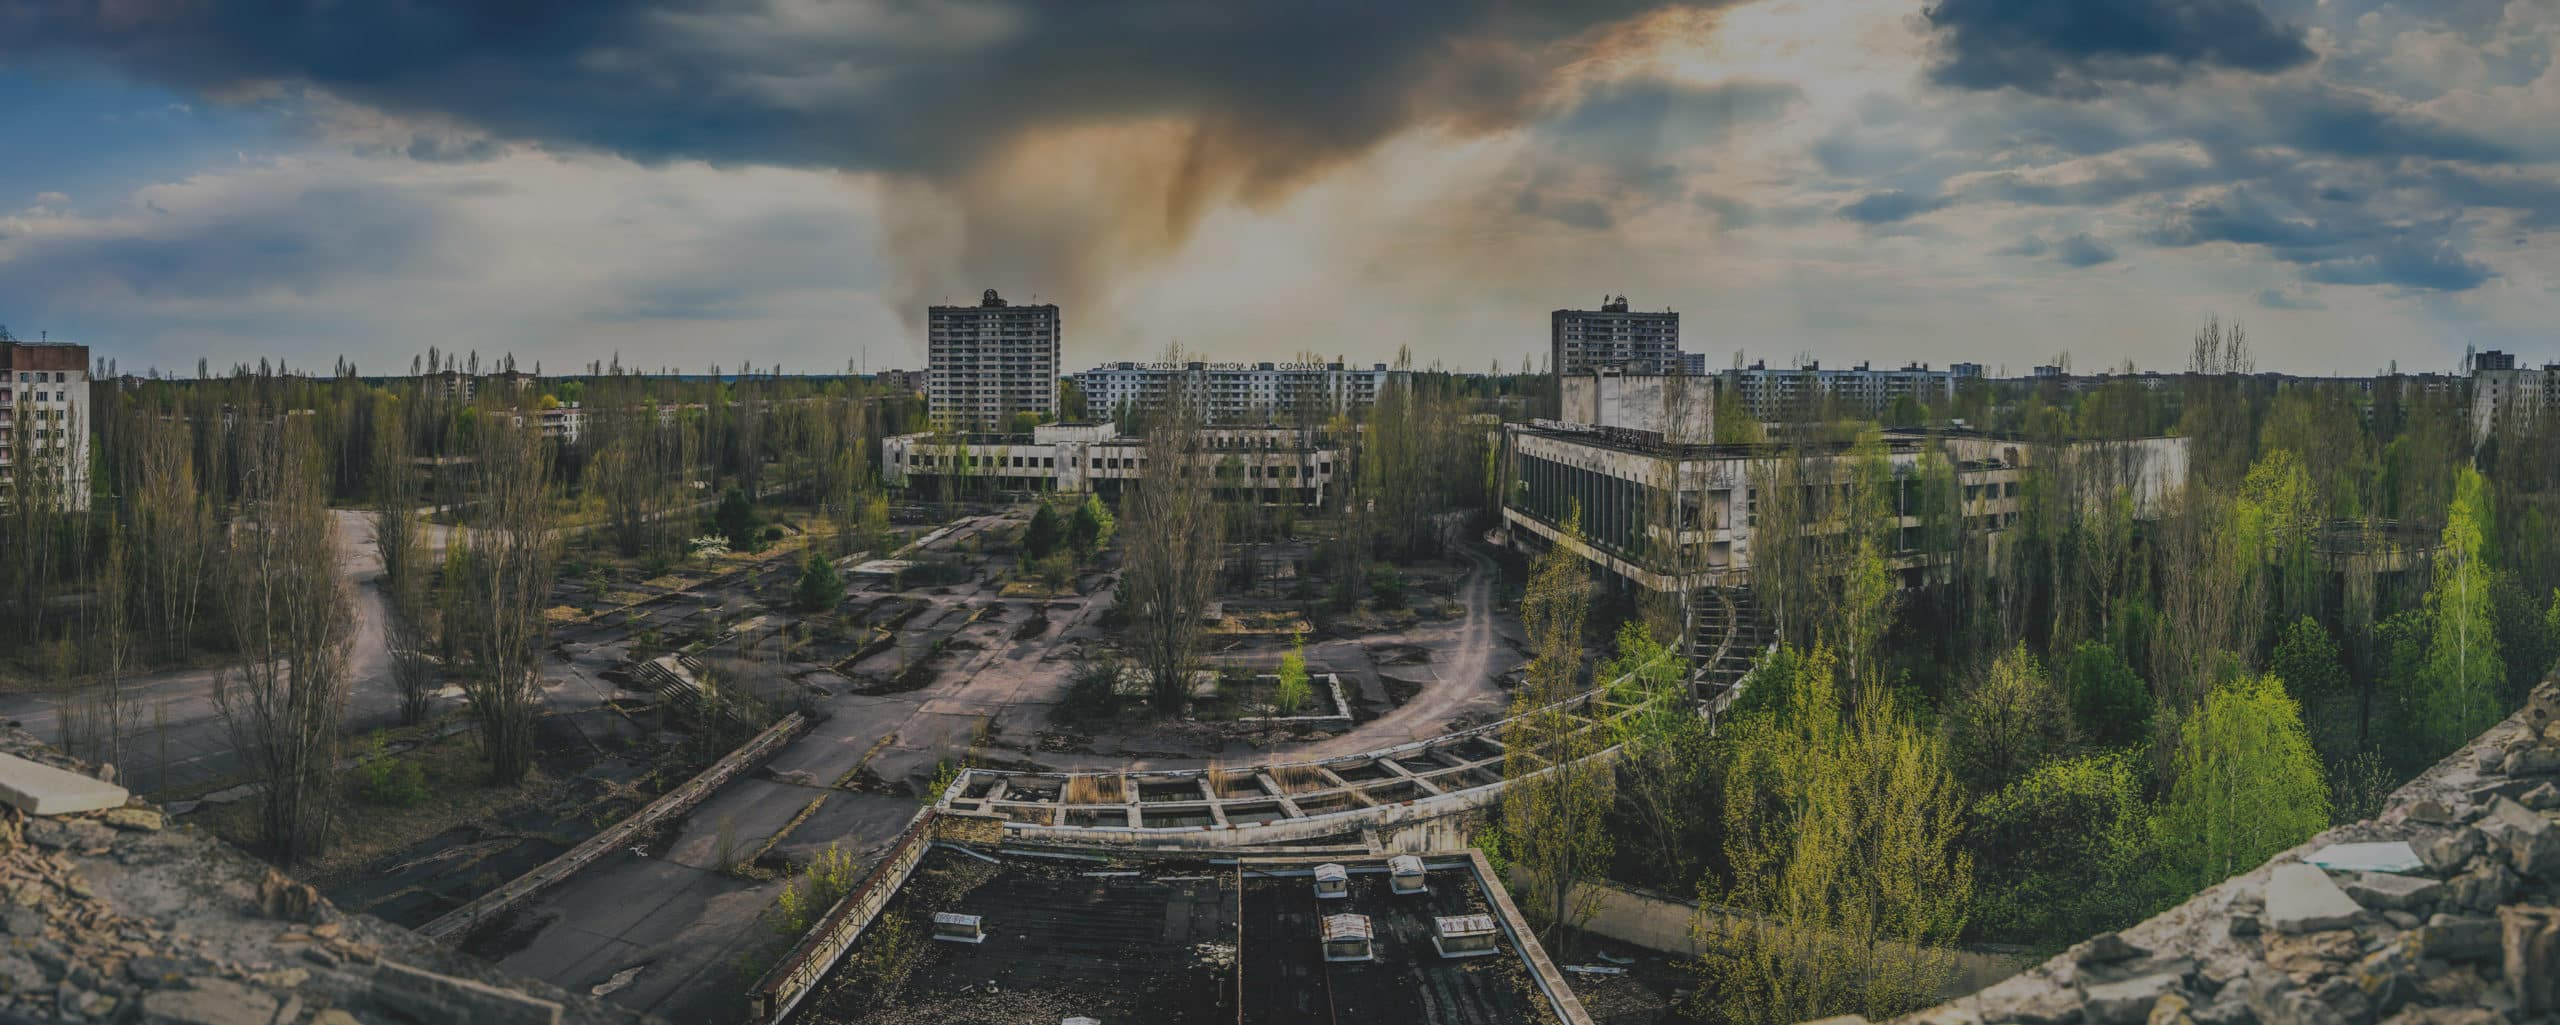 ekskurciy-vchernobyl-i-pripyt